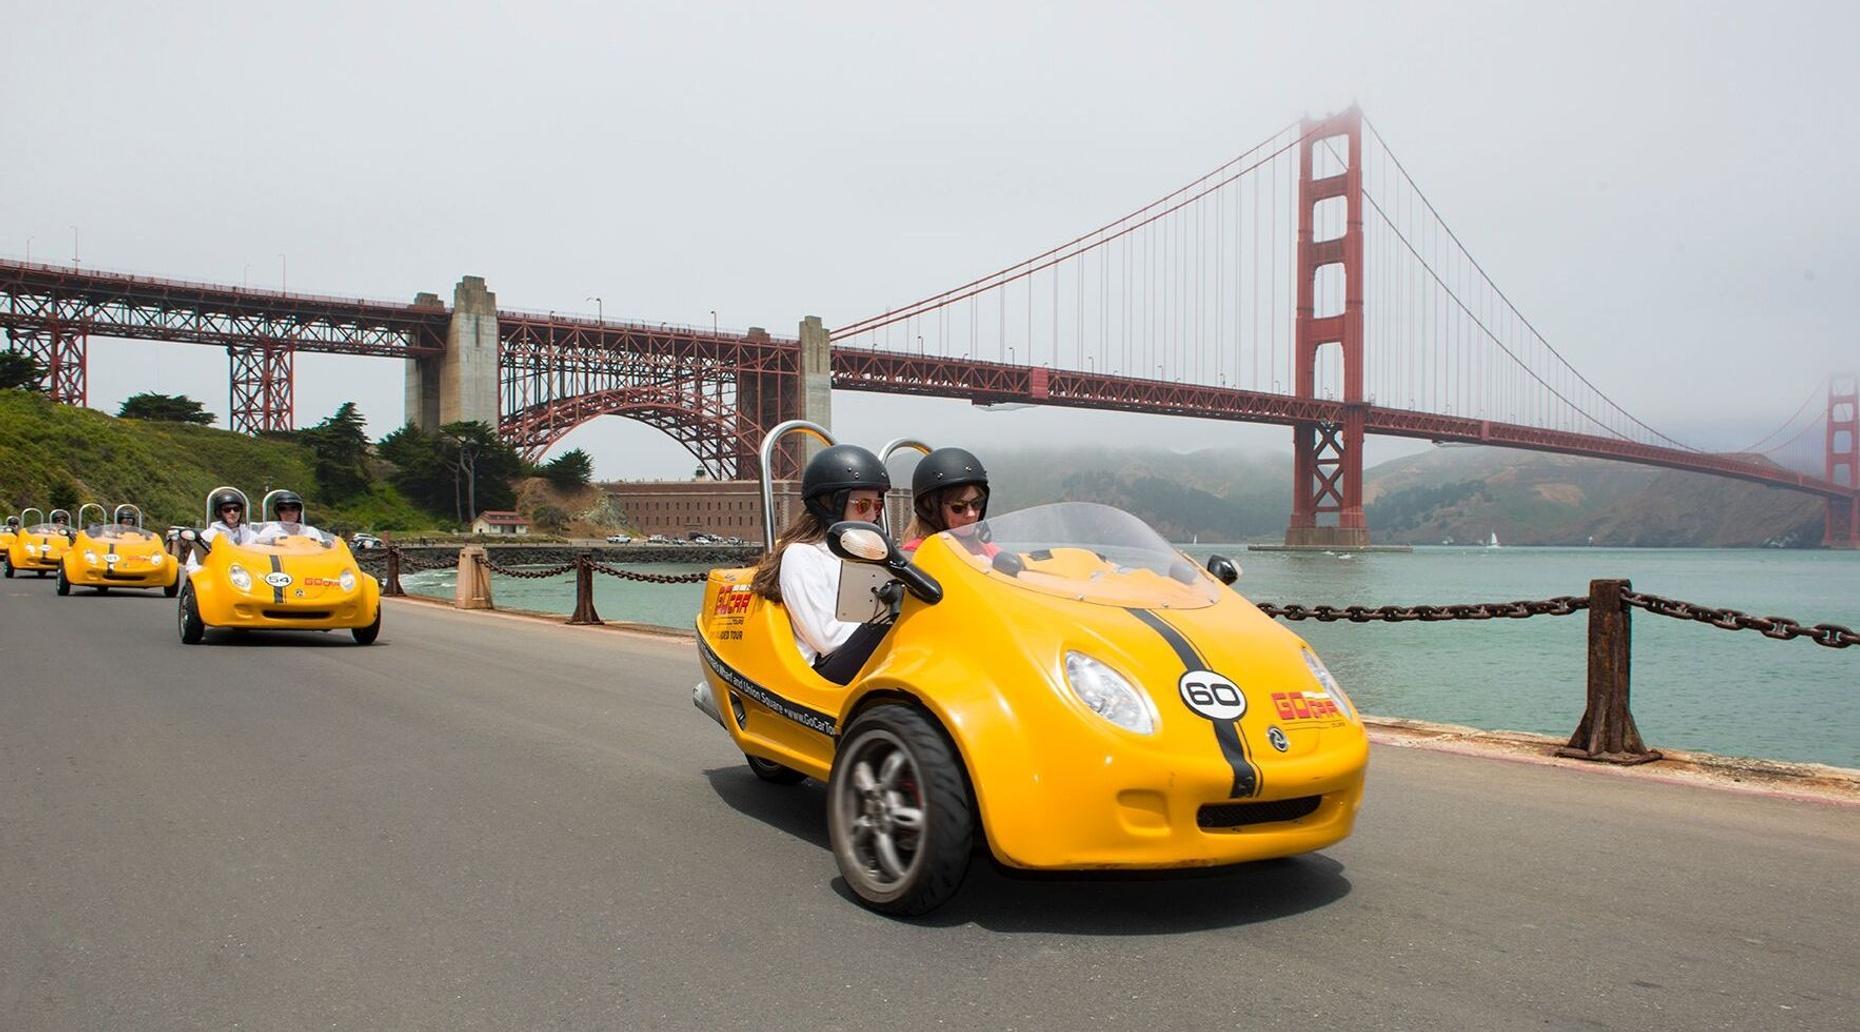 3-Hour Golden Gate Park & More GoCar Tour